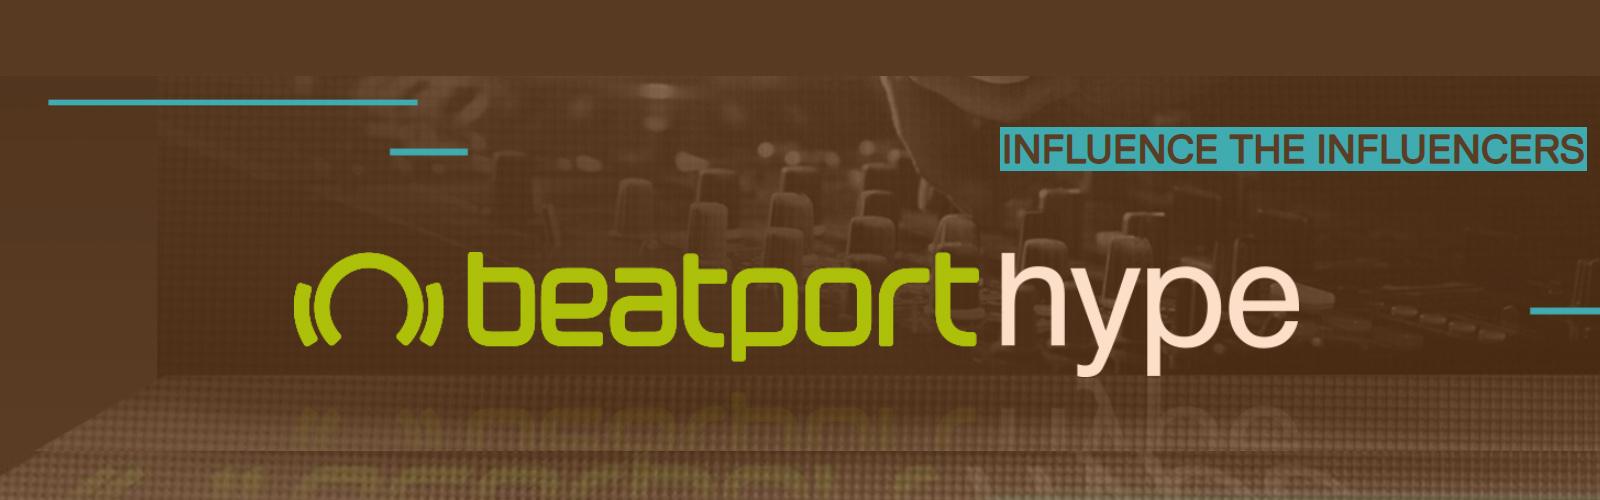 BEATPORT HYPE – eine gute Gelegenheit für aufstrebende Indie-Künstler?